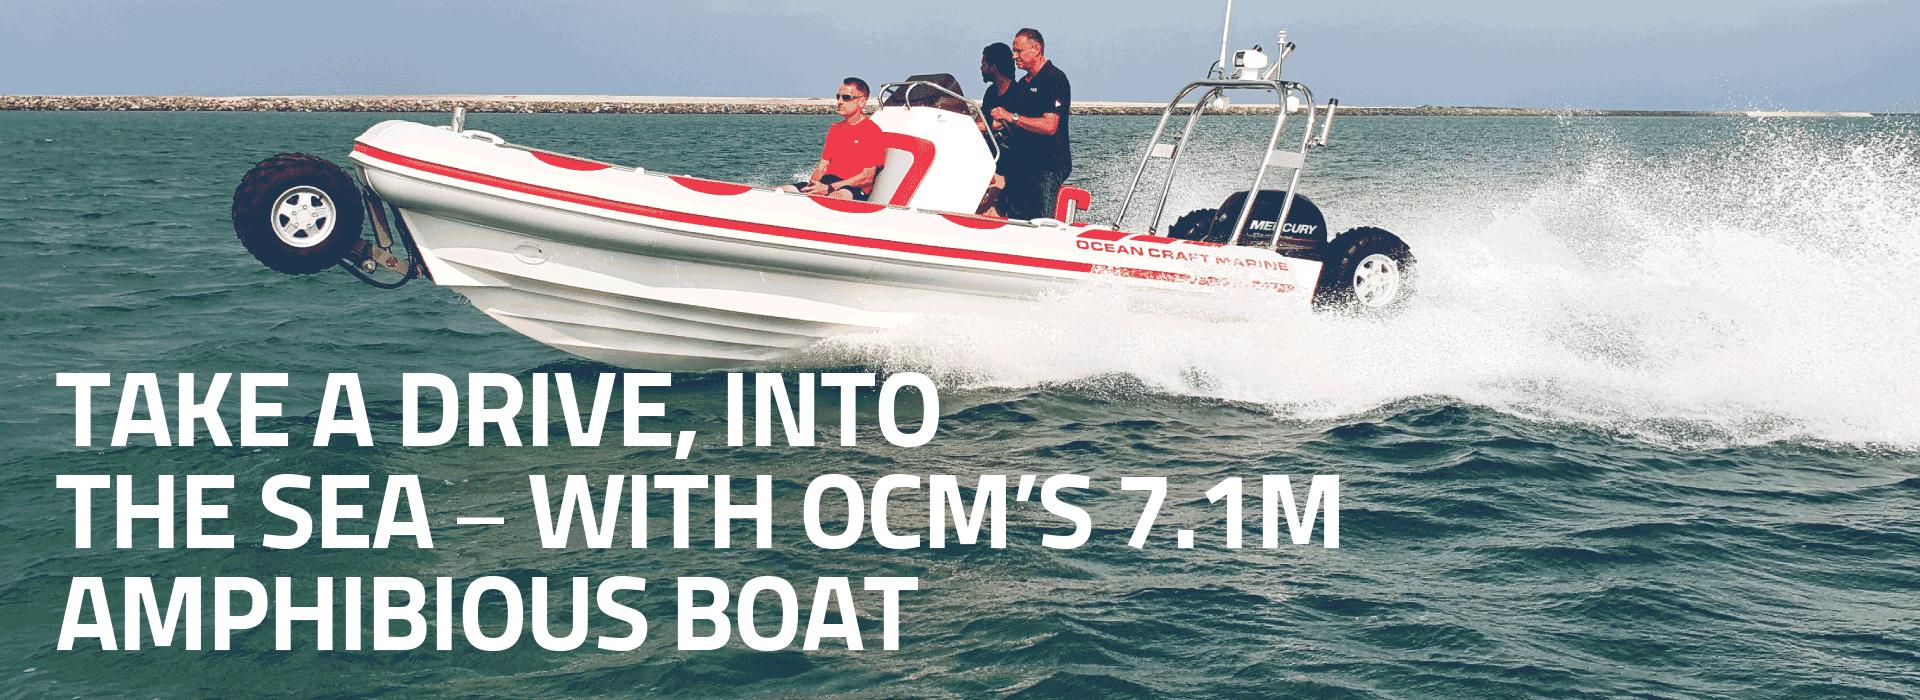 7.1M Amphibious Boat on Water